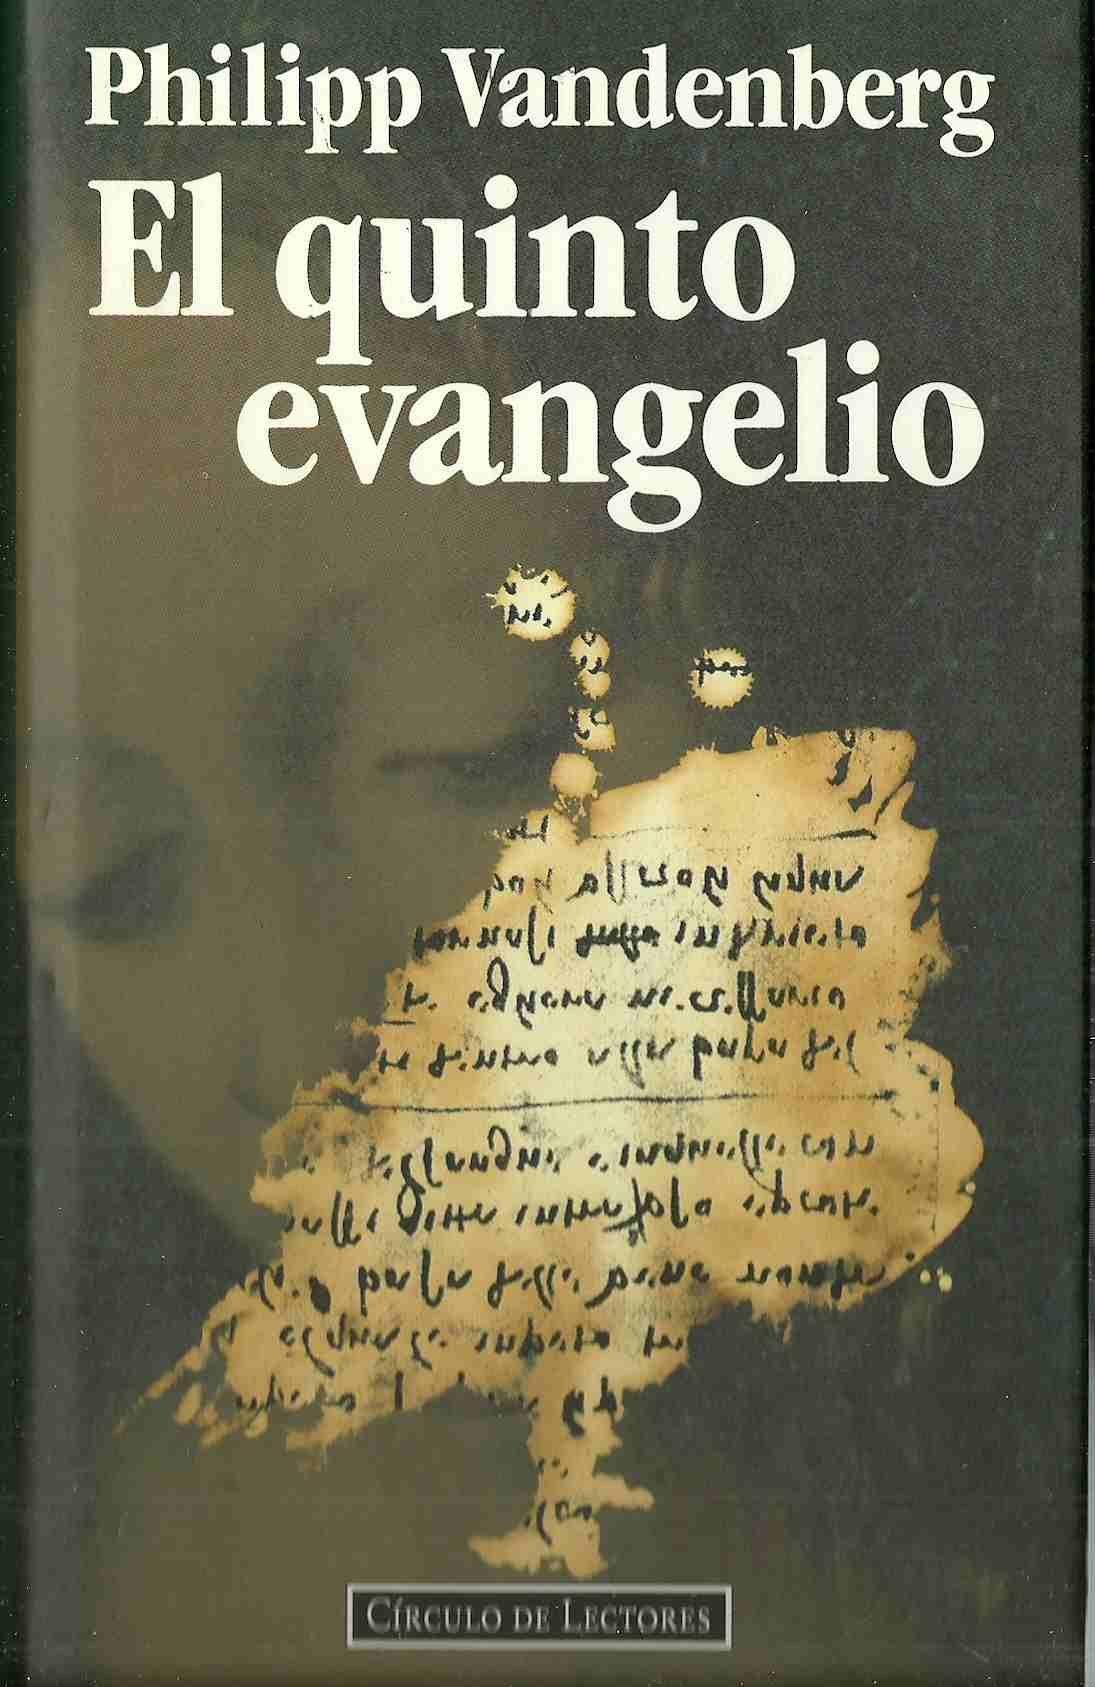 el quinto evangelio philipp vandenberg